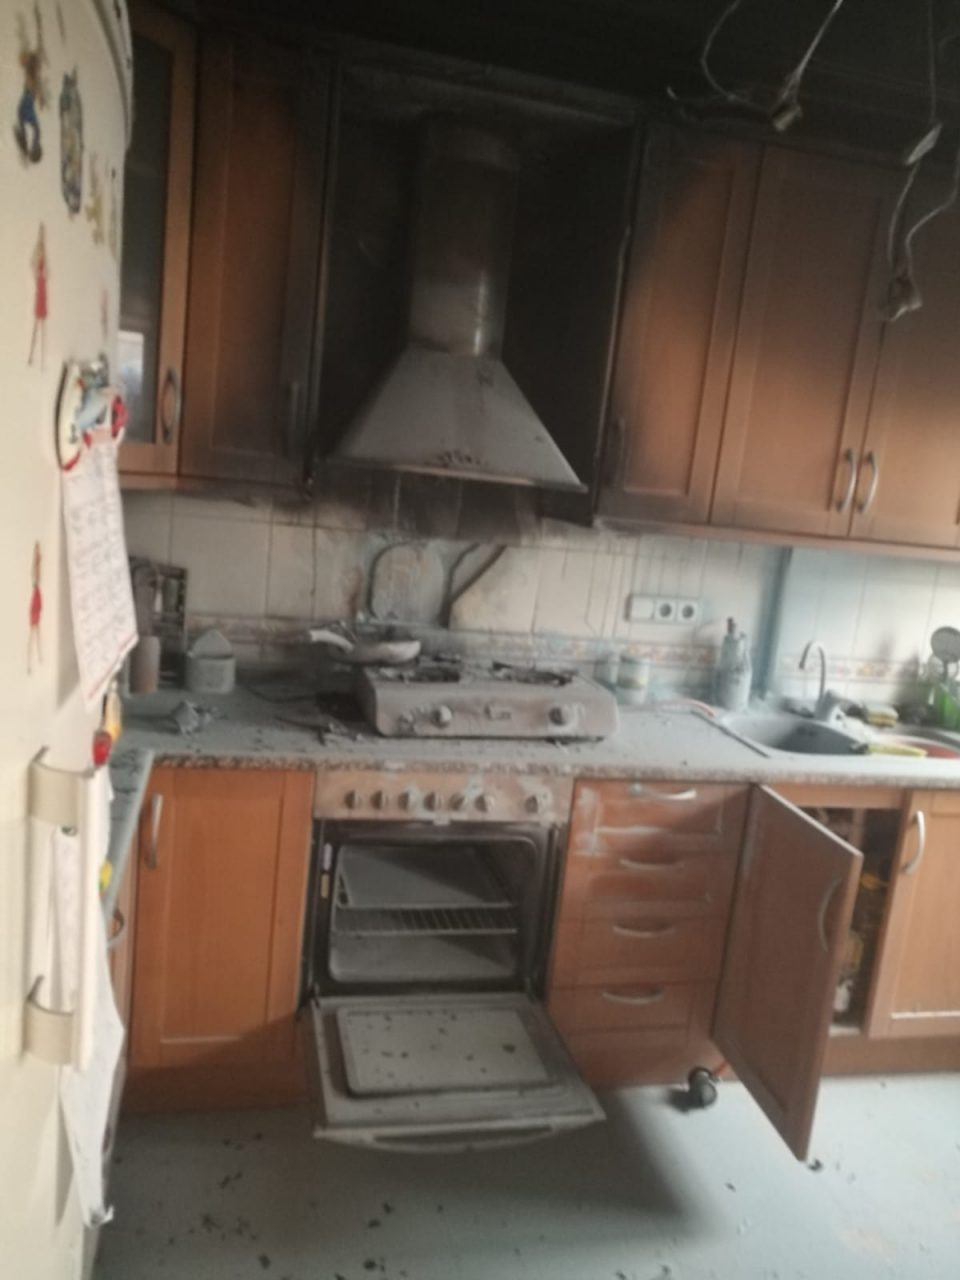 Un incendio calcina una cocina en Pilar de la Horadada 6